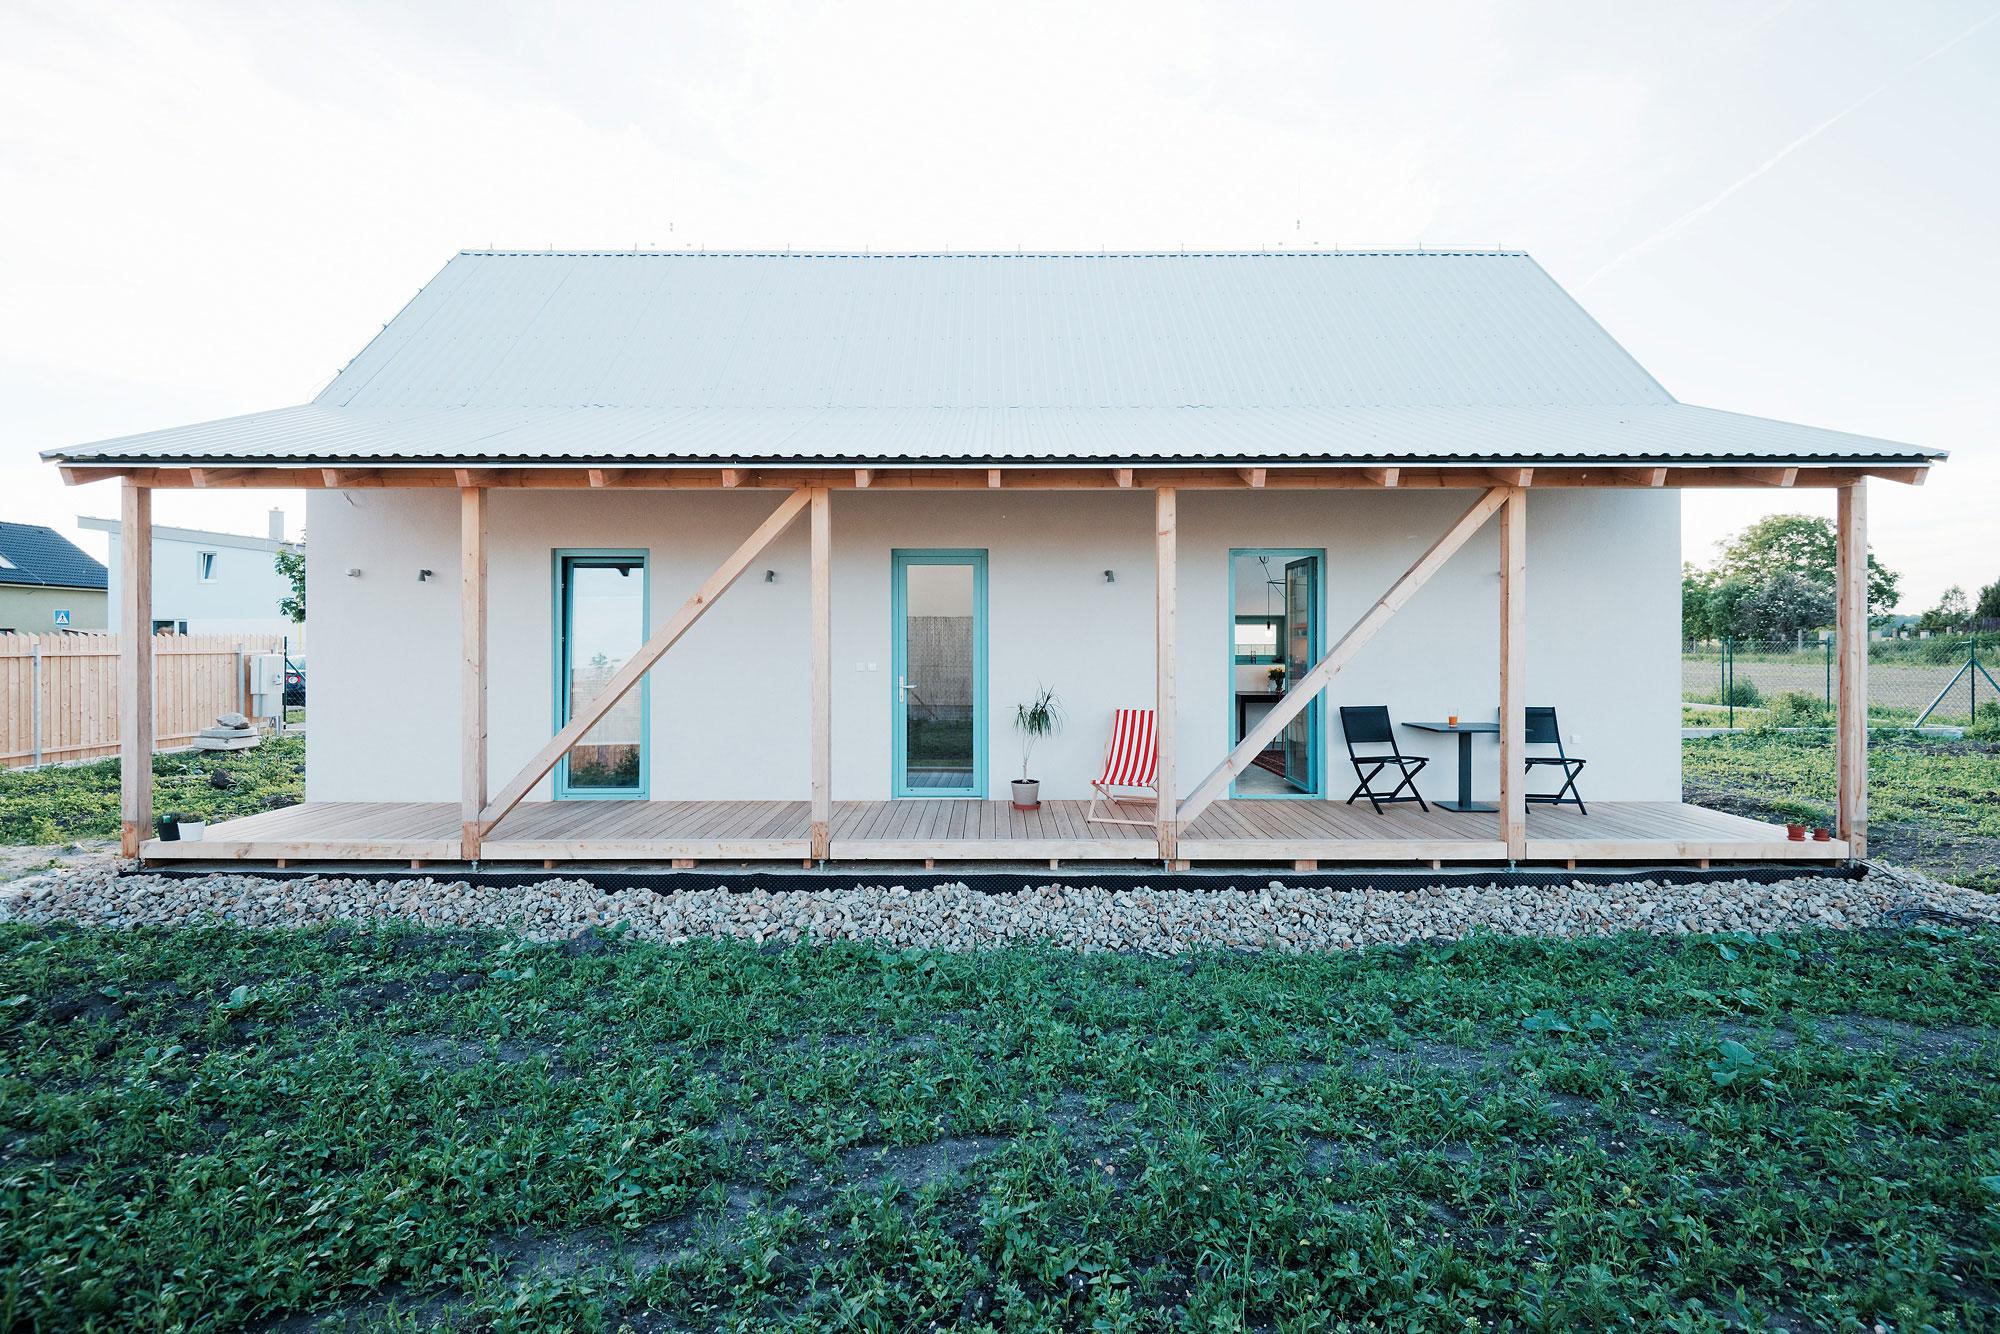 Ngôi nhà cấp 4 với những bức tường kính trong suốt đón trọn ánh sáng và gió trời của đồng quê xung quanh - Ảnh 1.